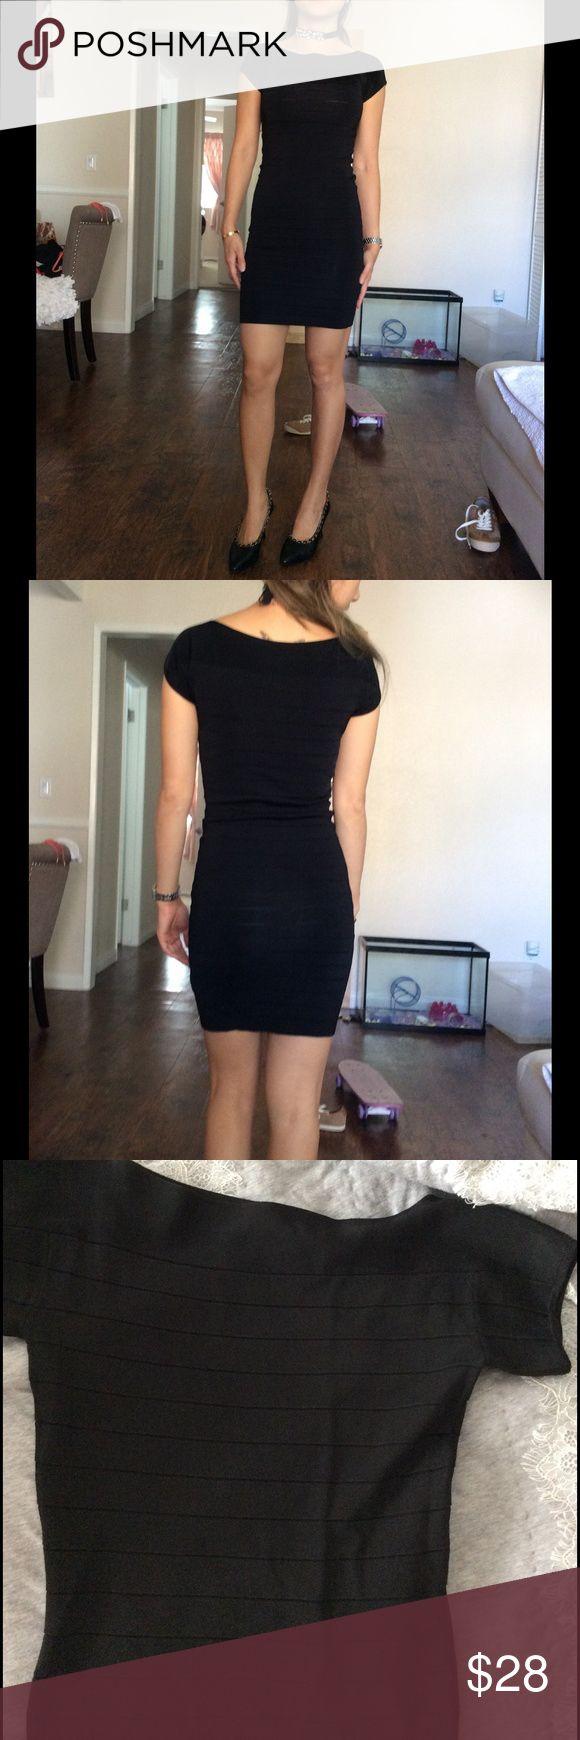 Selling this French connection bandage size 0 on Poshmark! My username is: chloetye. #shopmycloset #poshmark #fashion #shopping #style #forsale #French Connection #Dresses & Skirts